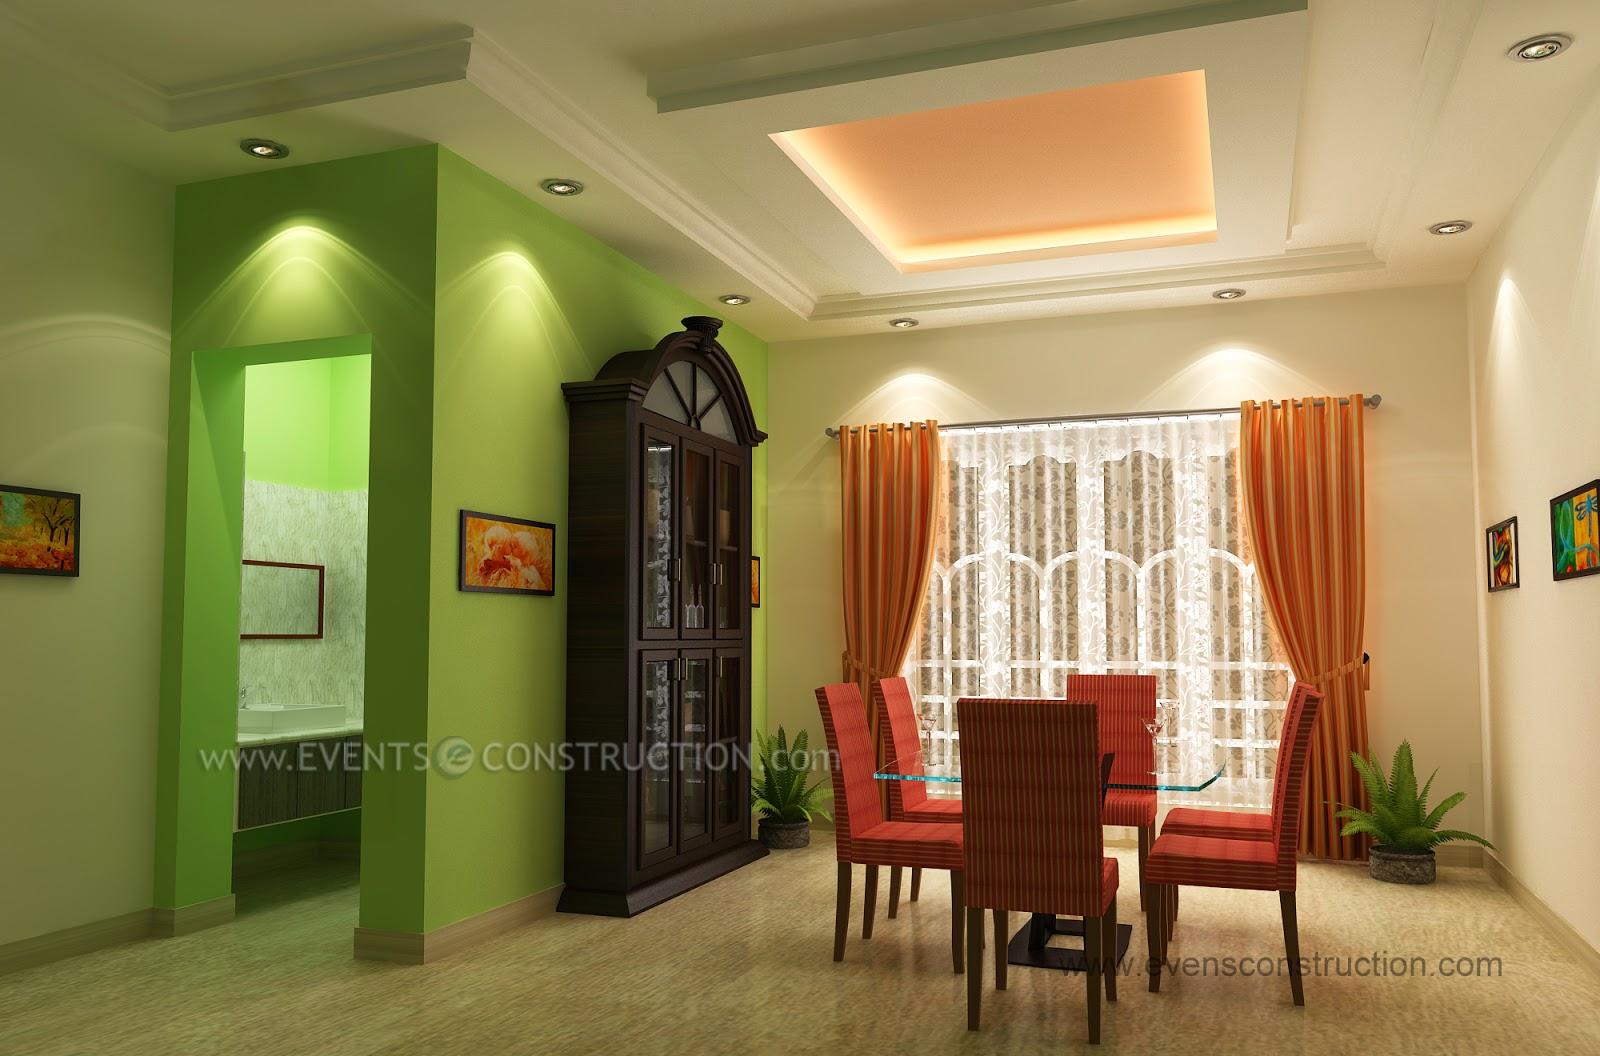 Evens construction pvt ltd crockery shelf in dining room for Dining room designs kerala